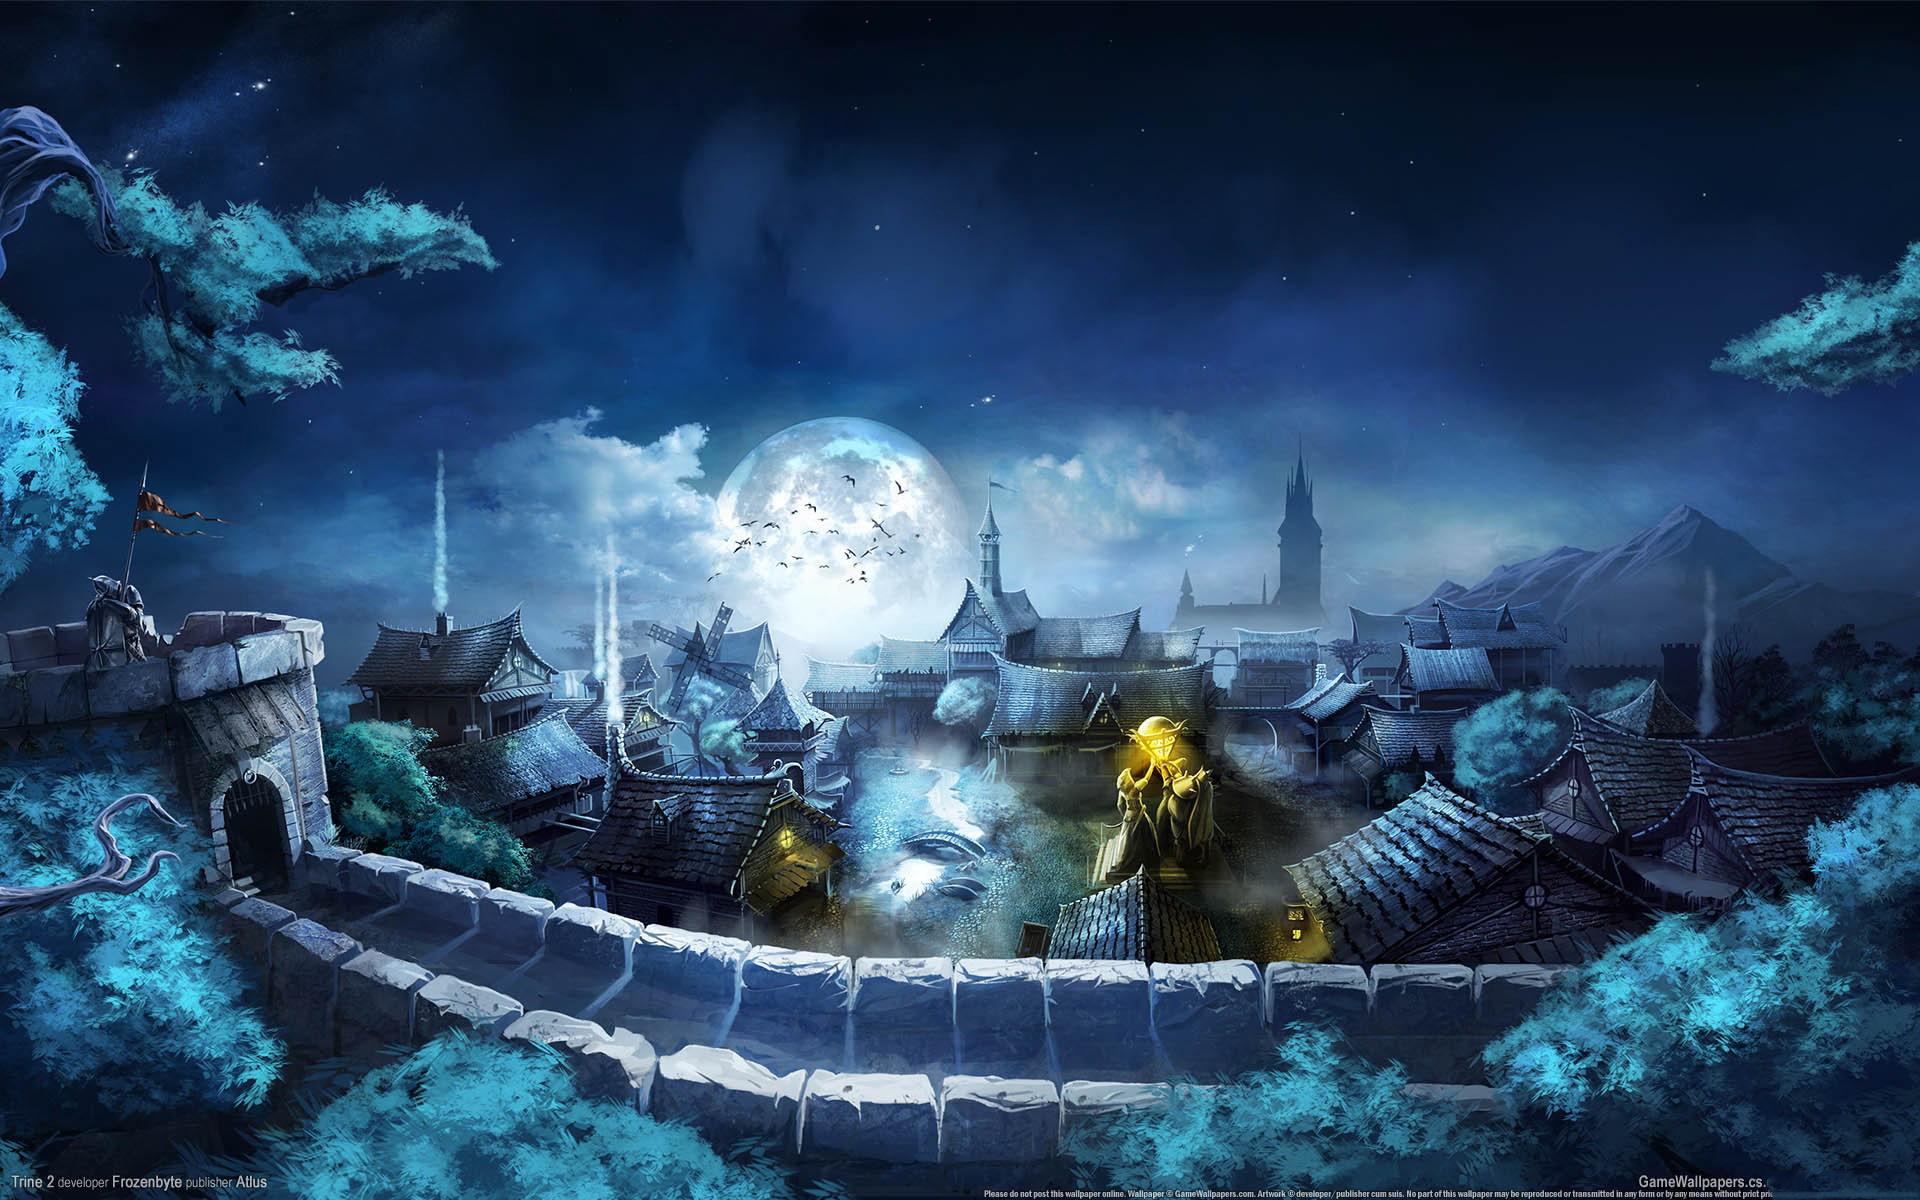 Simple Wallpaper Night Fantasy - a49869ef4f9de0445215991e51f67bdd  Picture-733433.jpg